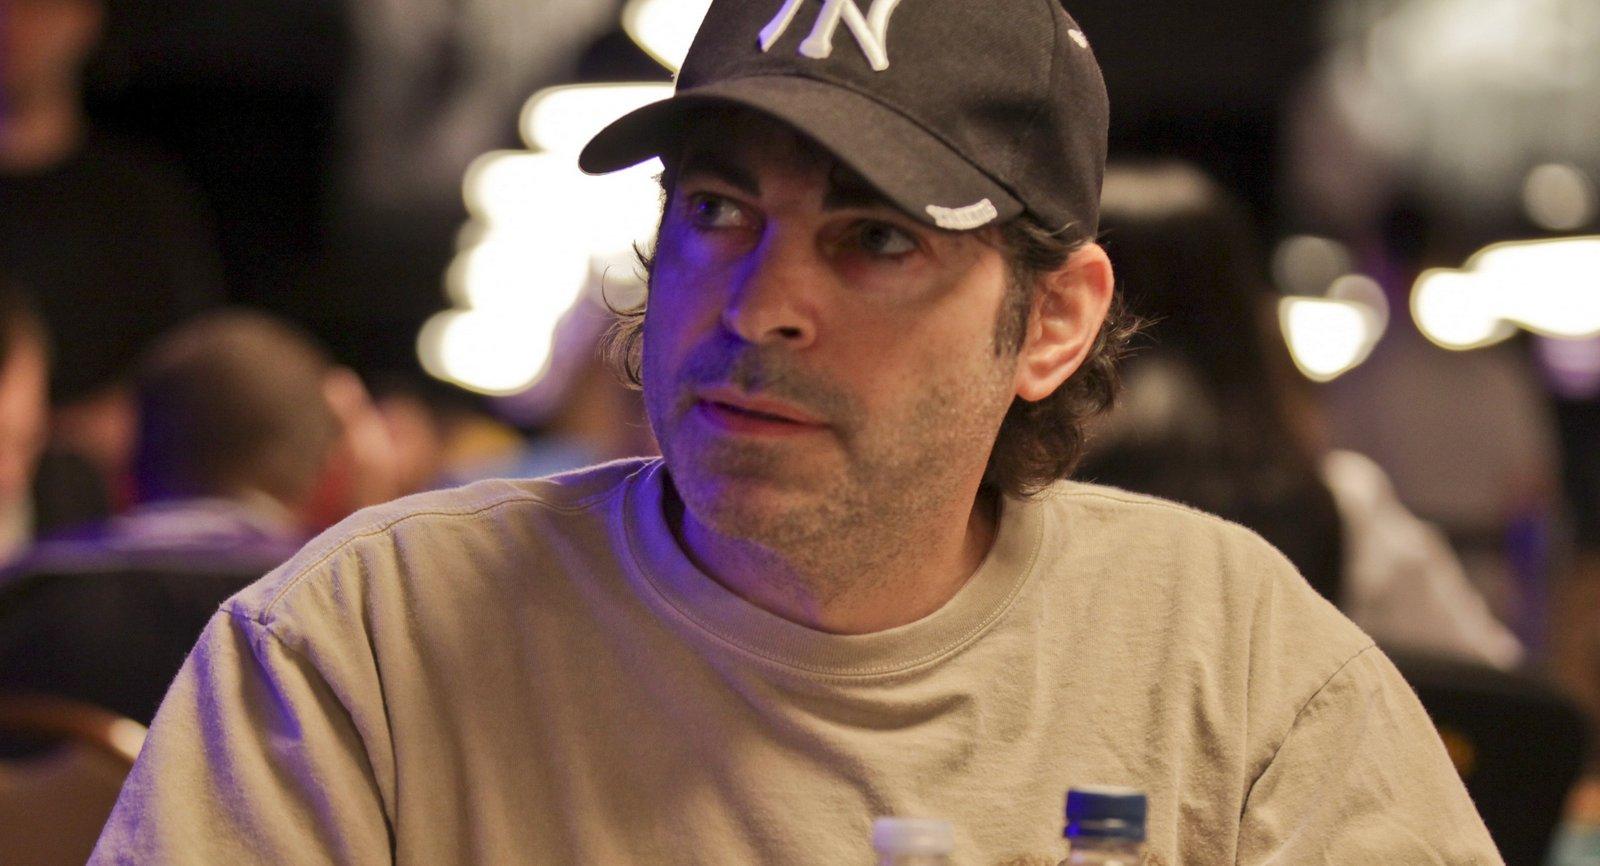 David singer poker twitter